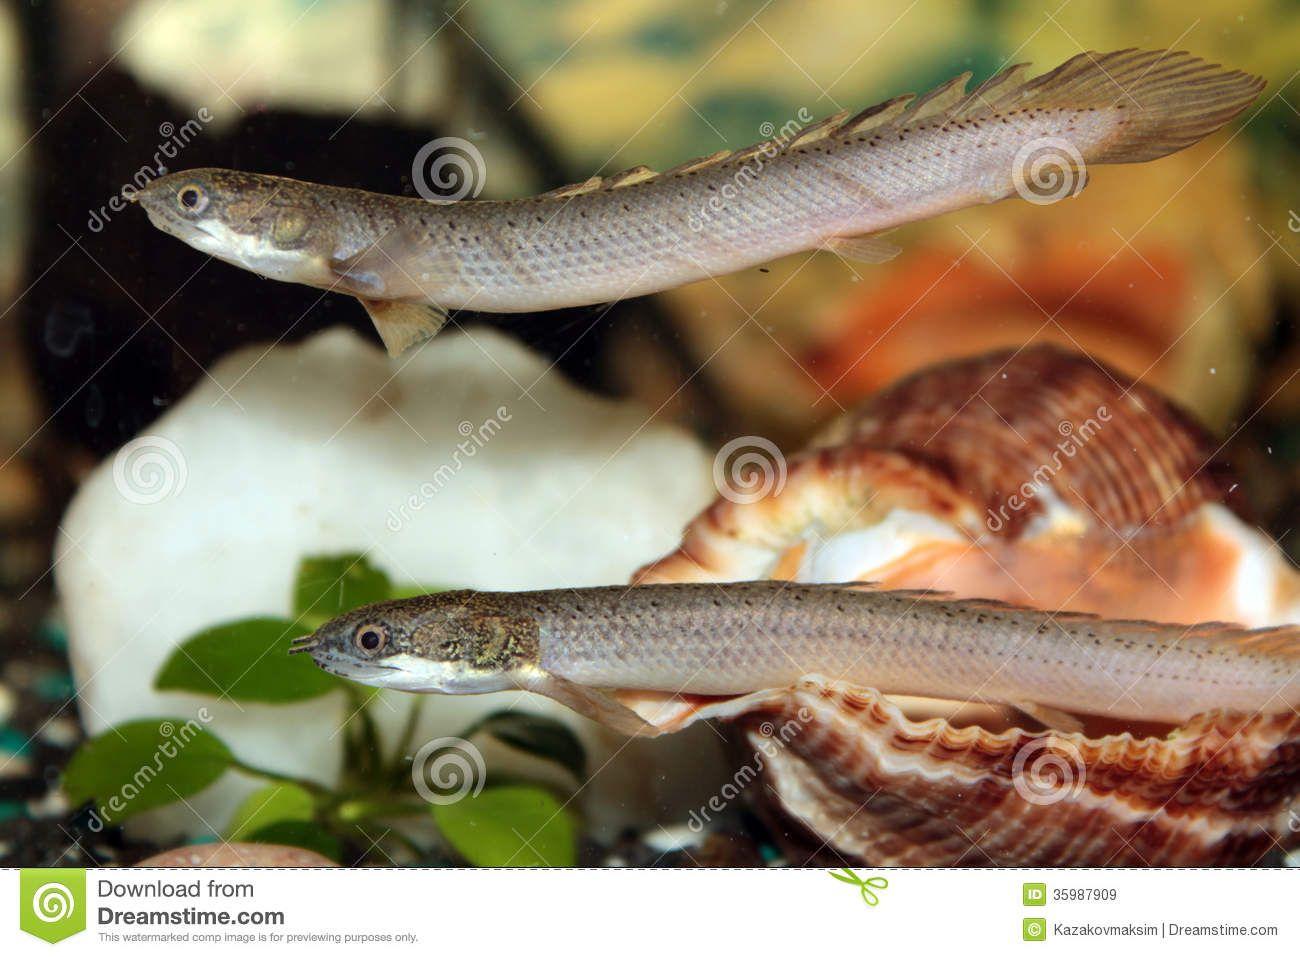 Image from http://thumbs.dreamstime.com/z/senegal-bichir-aquarium-fish-freshwater-35987909.jpg.